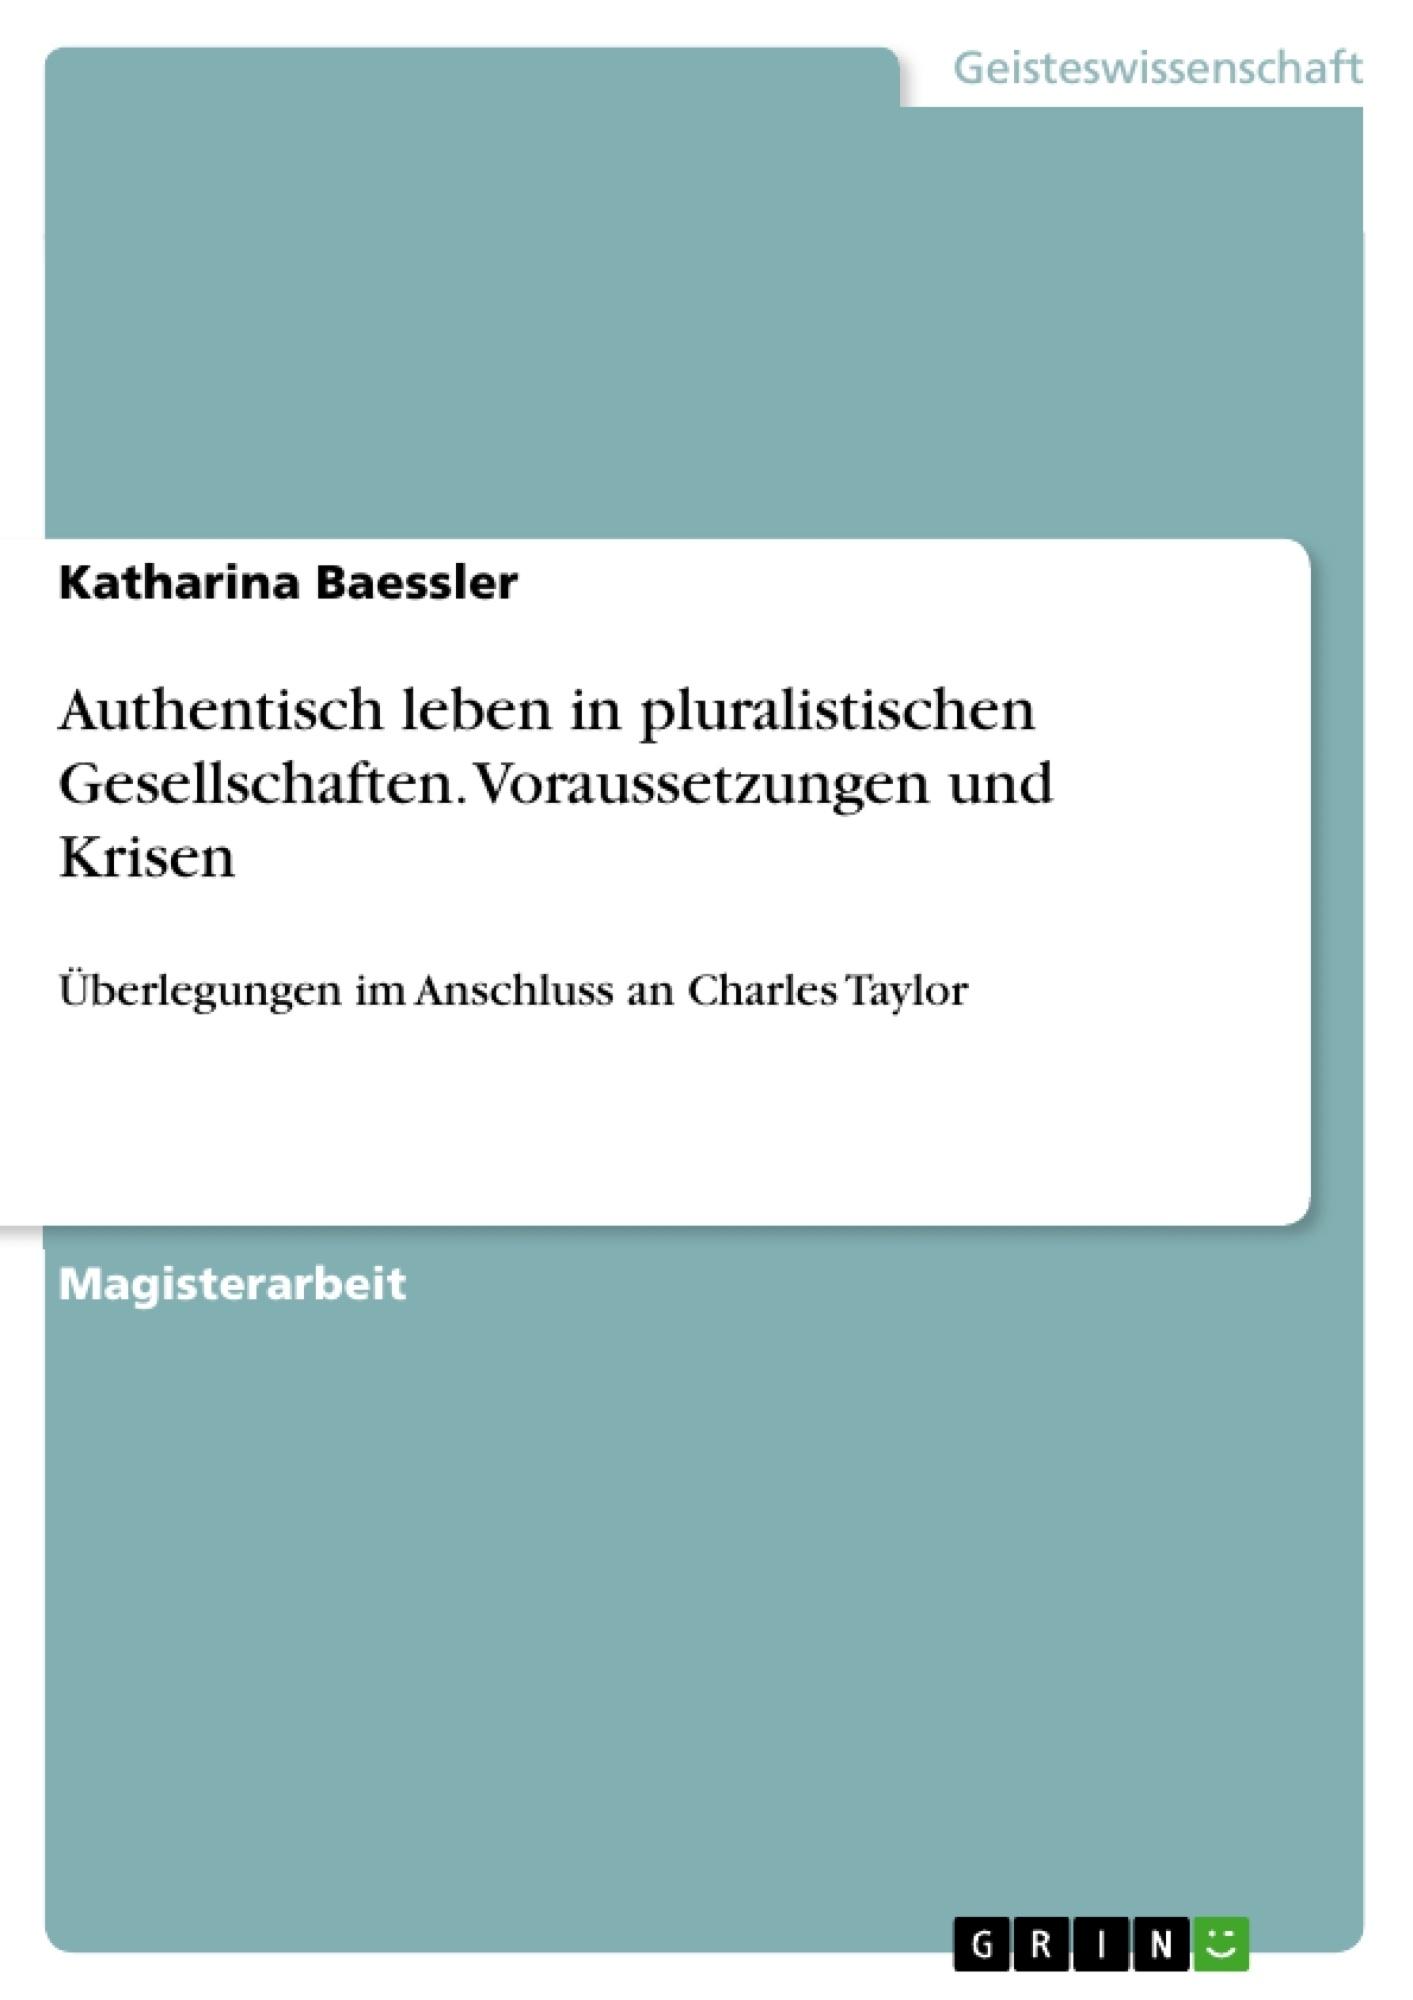 Titel: Authentisch leben in pluralistischen Gesellschaften. Voraussetzungen und Krisen